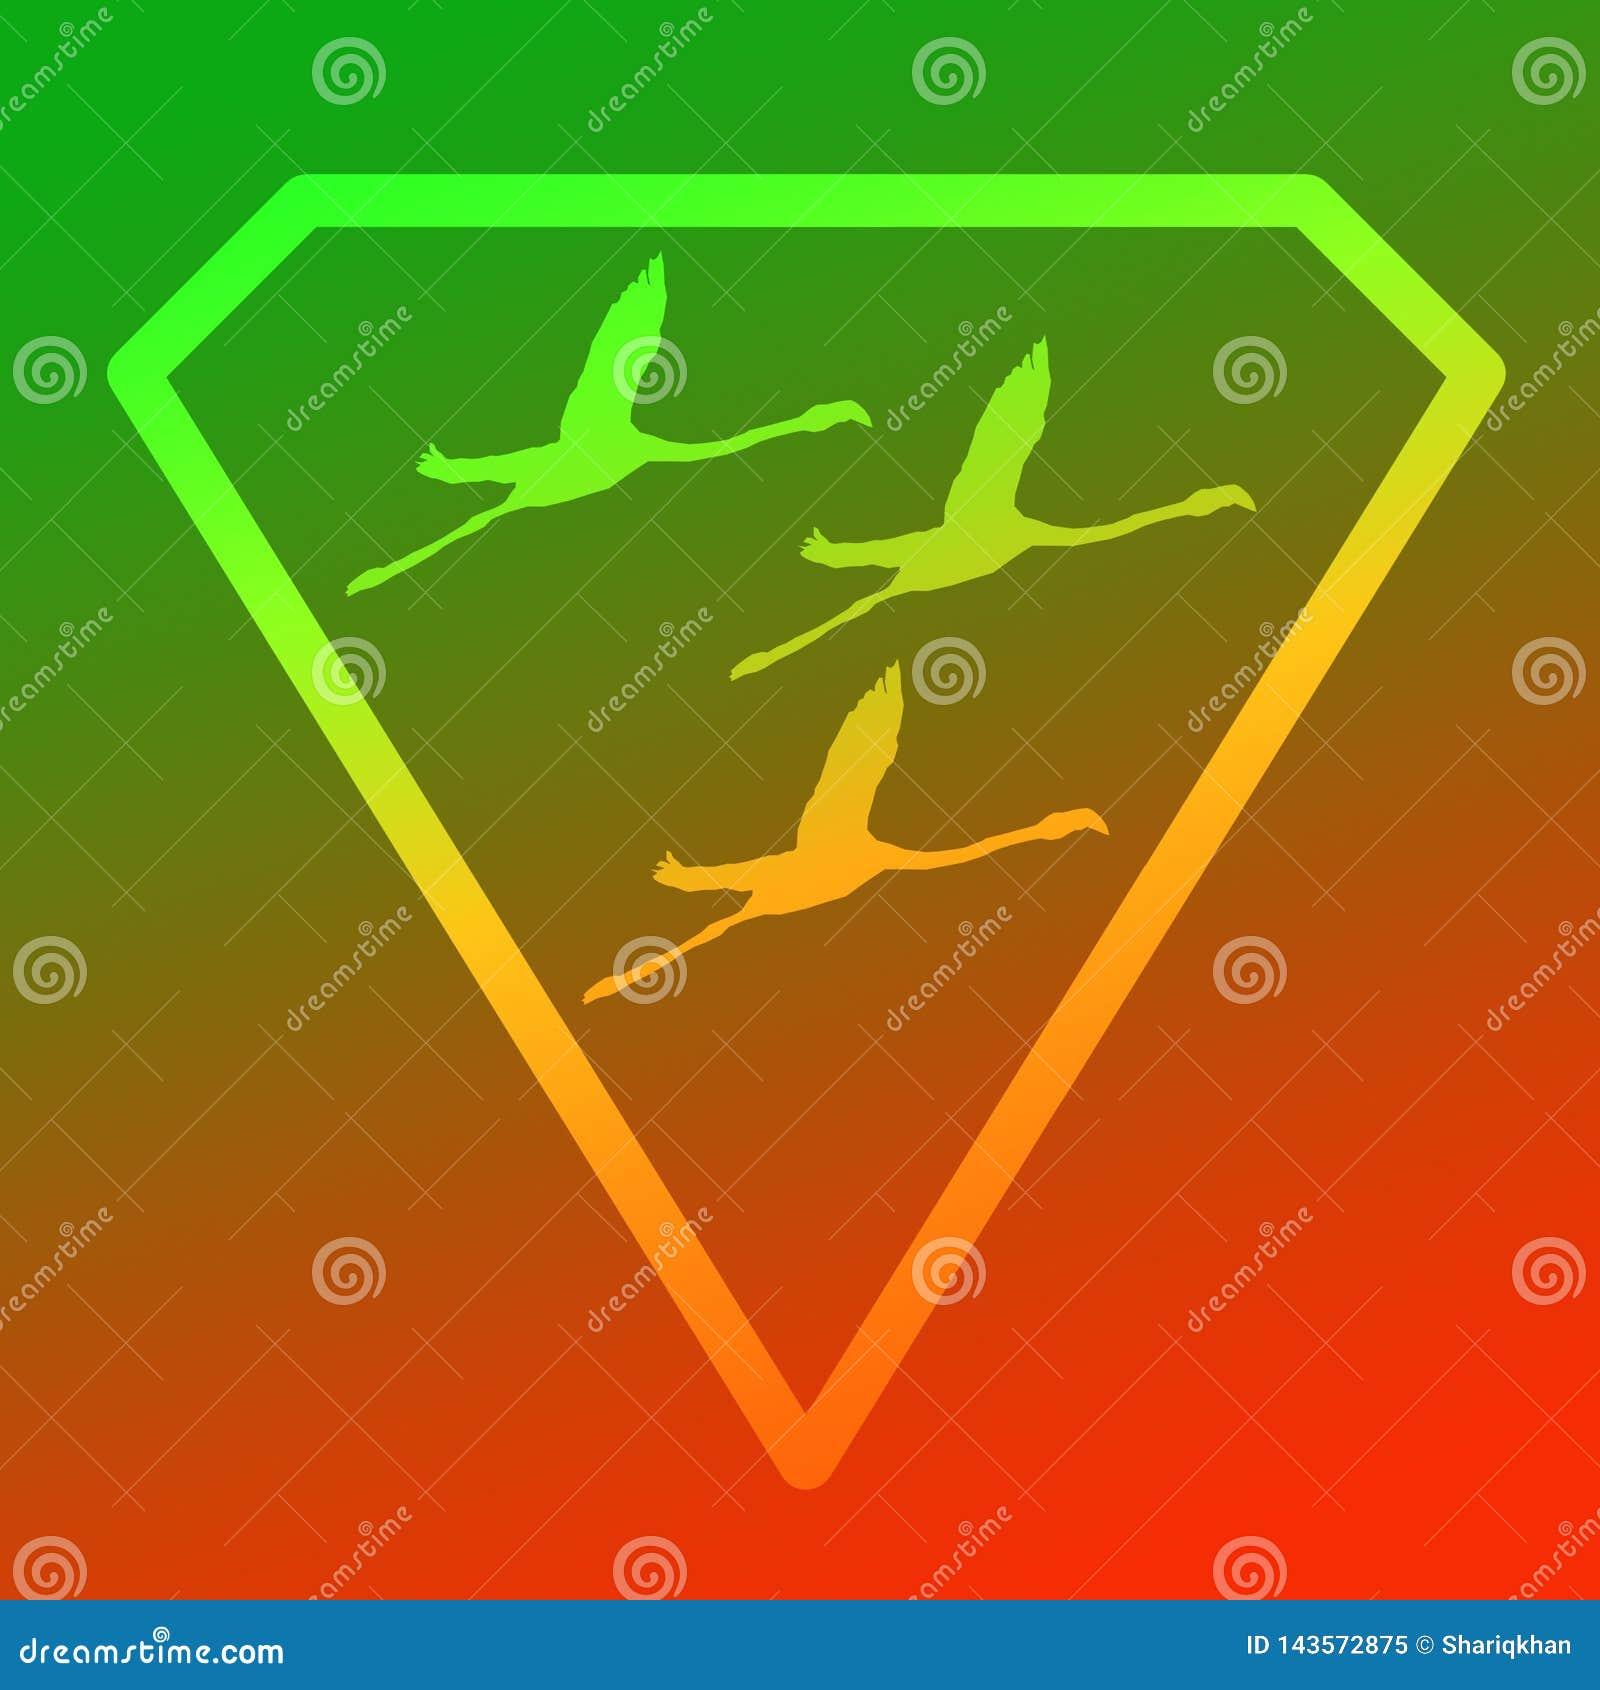 Logo sztandaru wizerunku Latającego ptaka flaming w Diamentowym kształcie na Zielonym Pomarańczowym tle